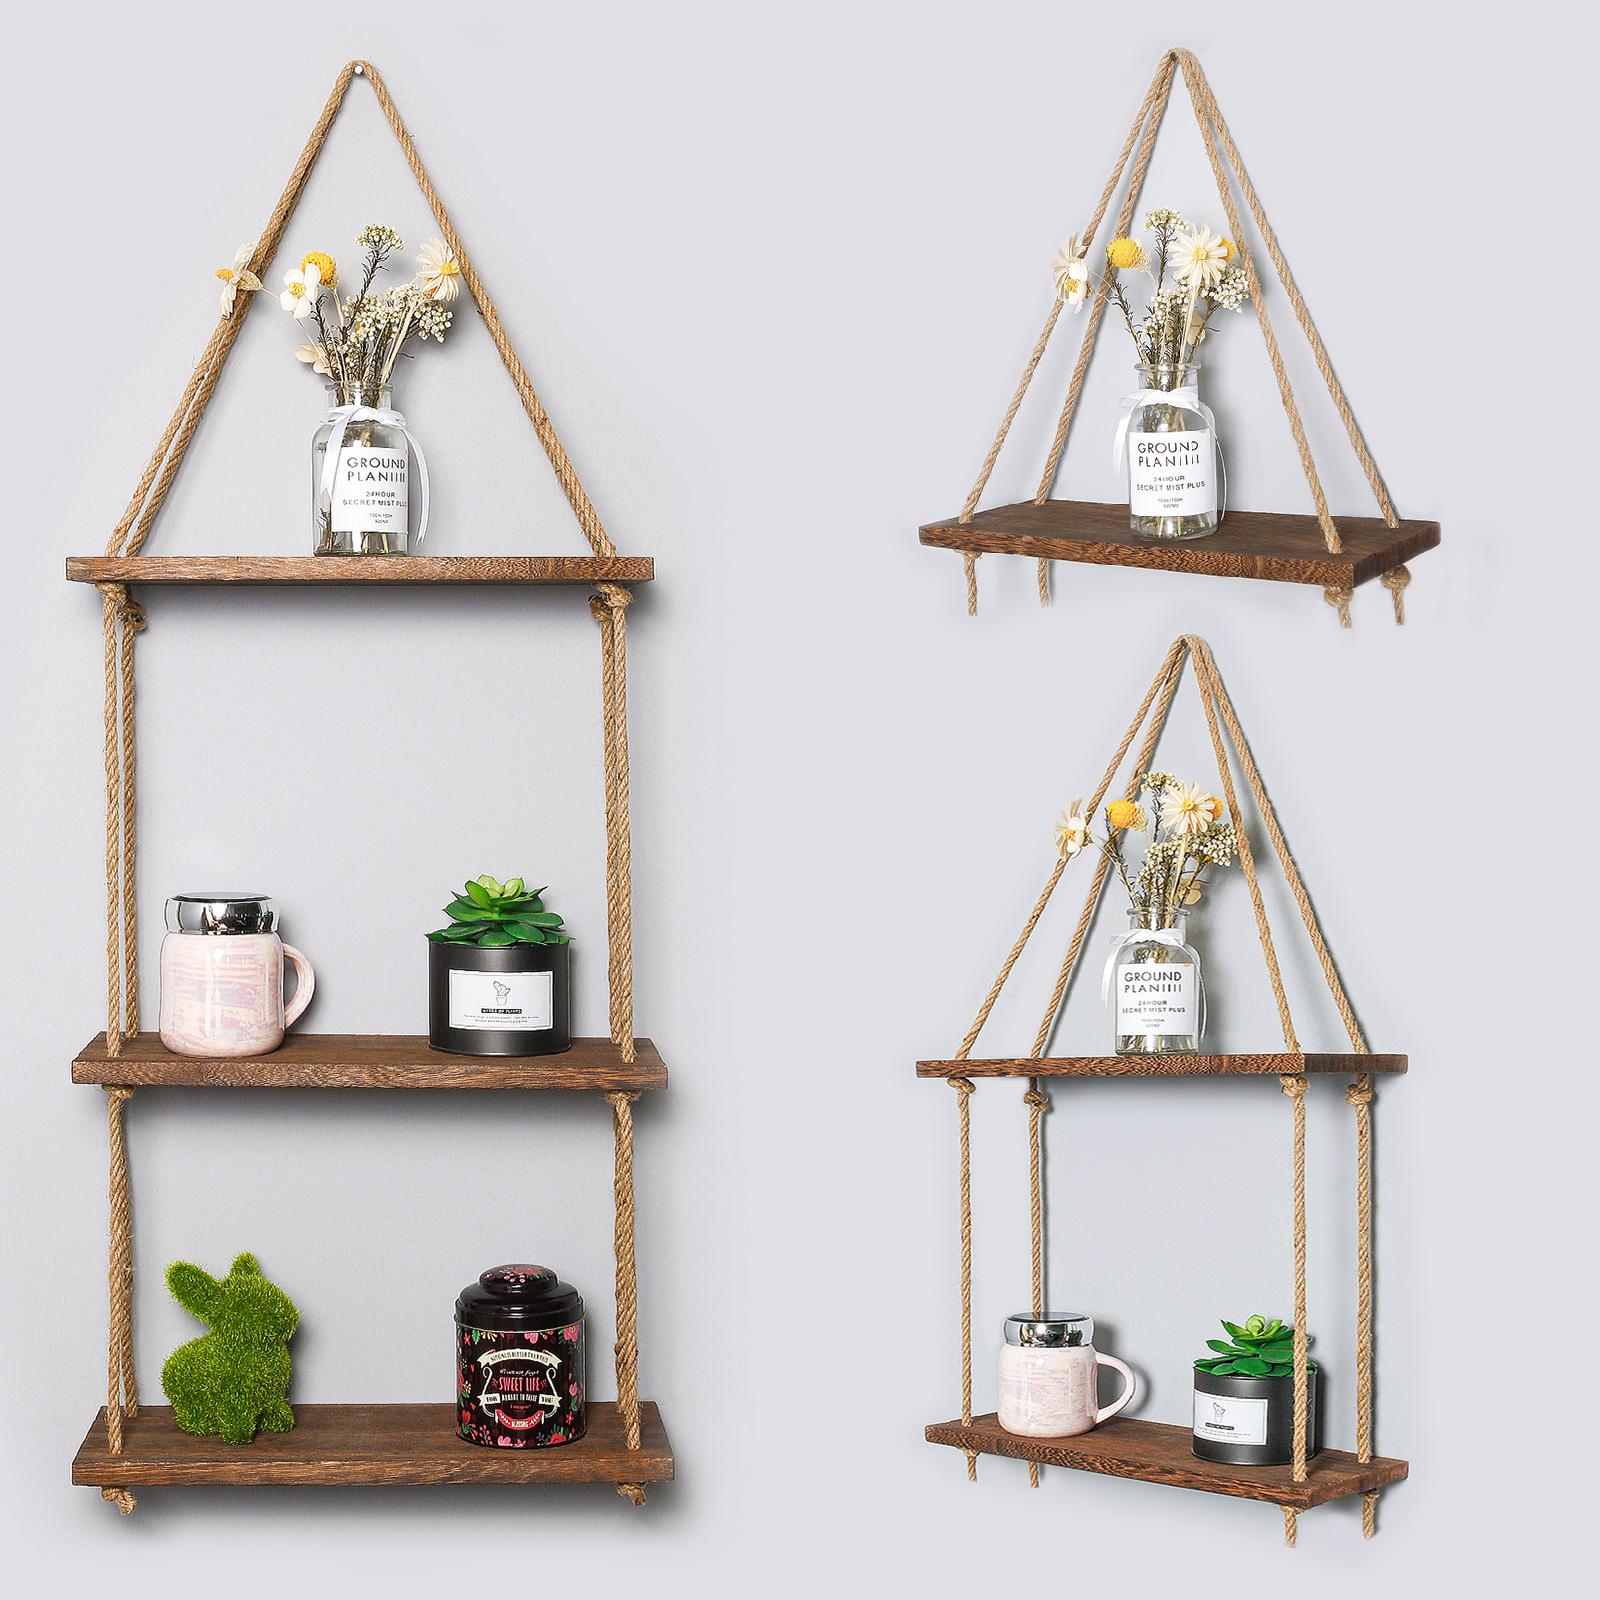 Wall Mounted Rope Shelving Fixtures Included Boho Chic Shelf Wooden Hanging Shelf M/&W 3 Tier Rustic Jute Rope Shelf